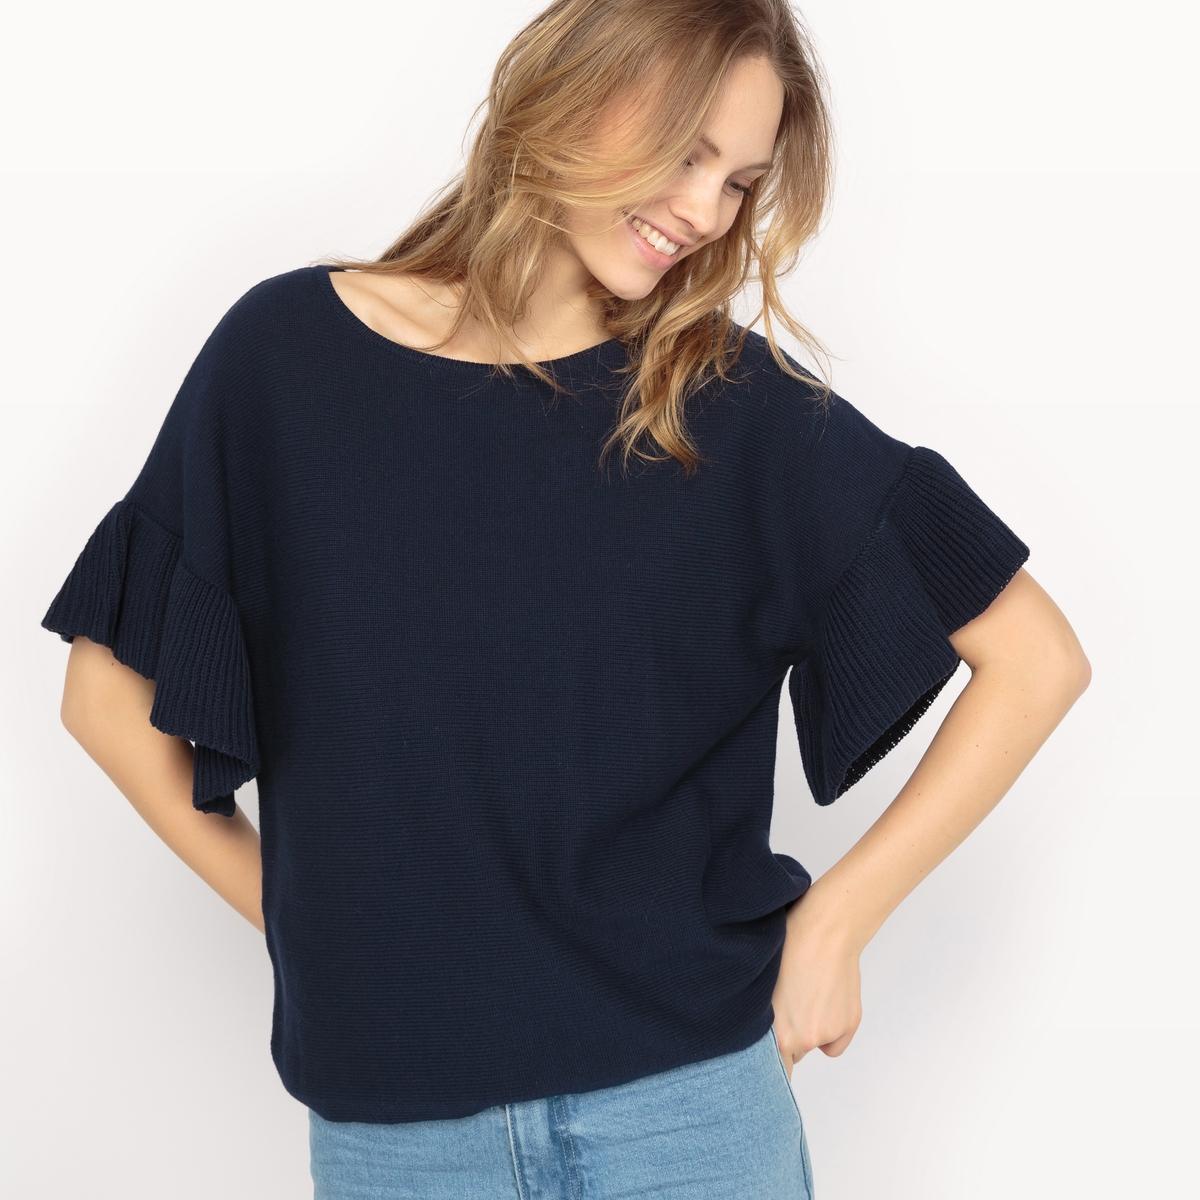 Пуловер объемного покроя с короткими рукавамиМатериал : 100% хлопок Длина рукава : короткие рукава Форма воротника : круглый вырез Покрой пуловера : стандартный Рисунок : однотонная модель  Особенность пуловера : с воланом<br><br>Цвет: темно-синий